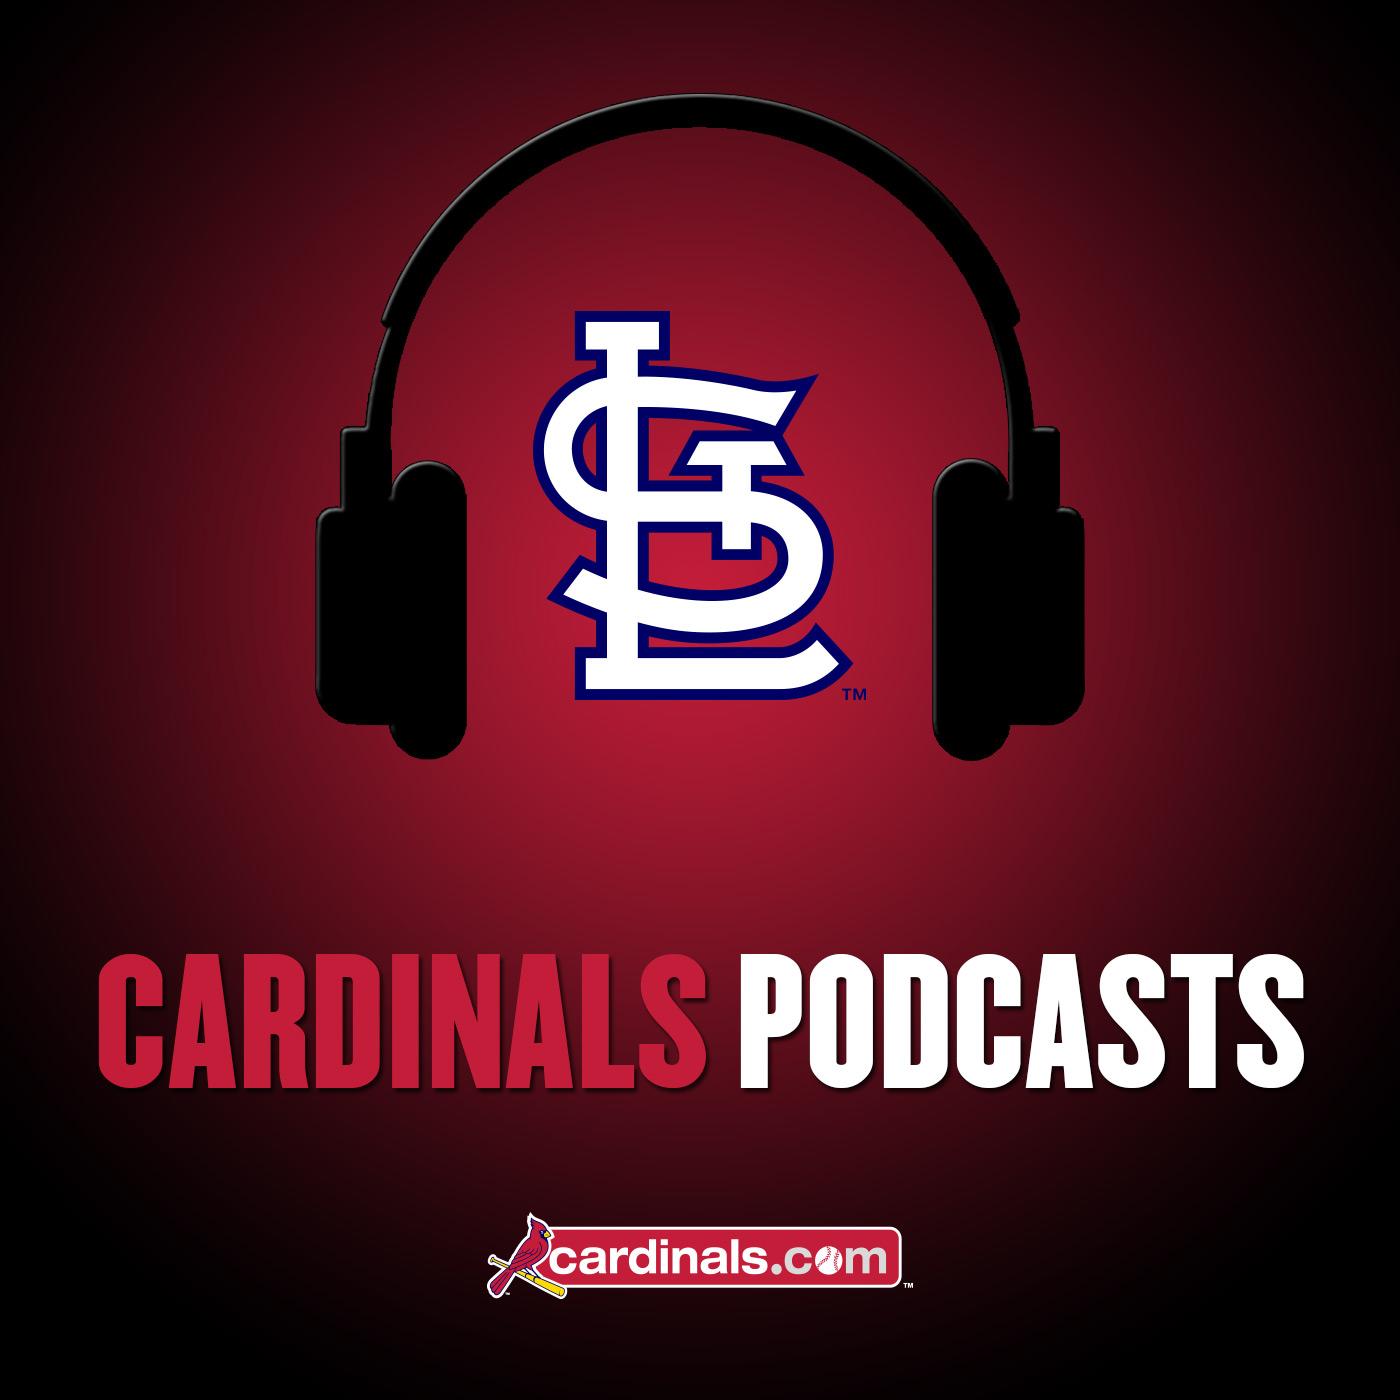 <![CDATA[St. Louis Cardinals Podcast]]>